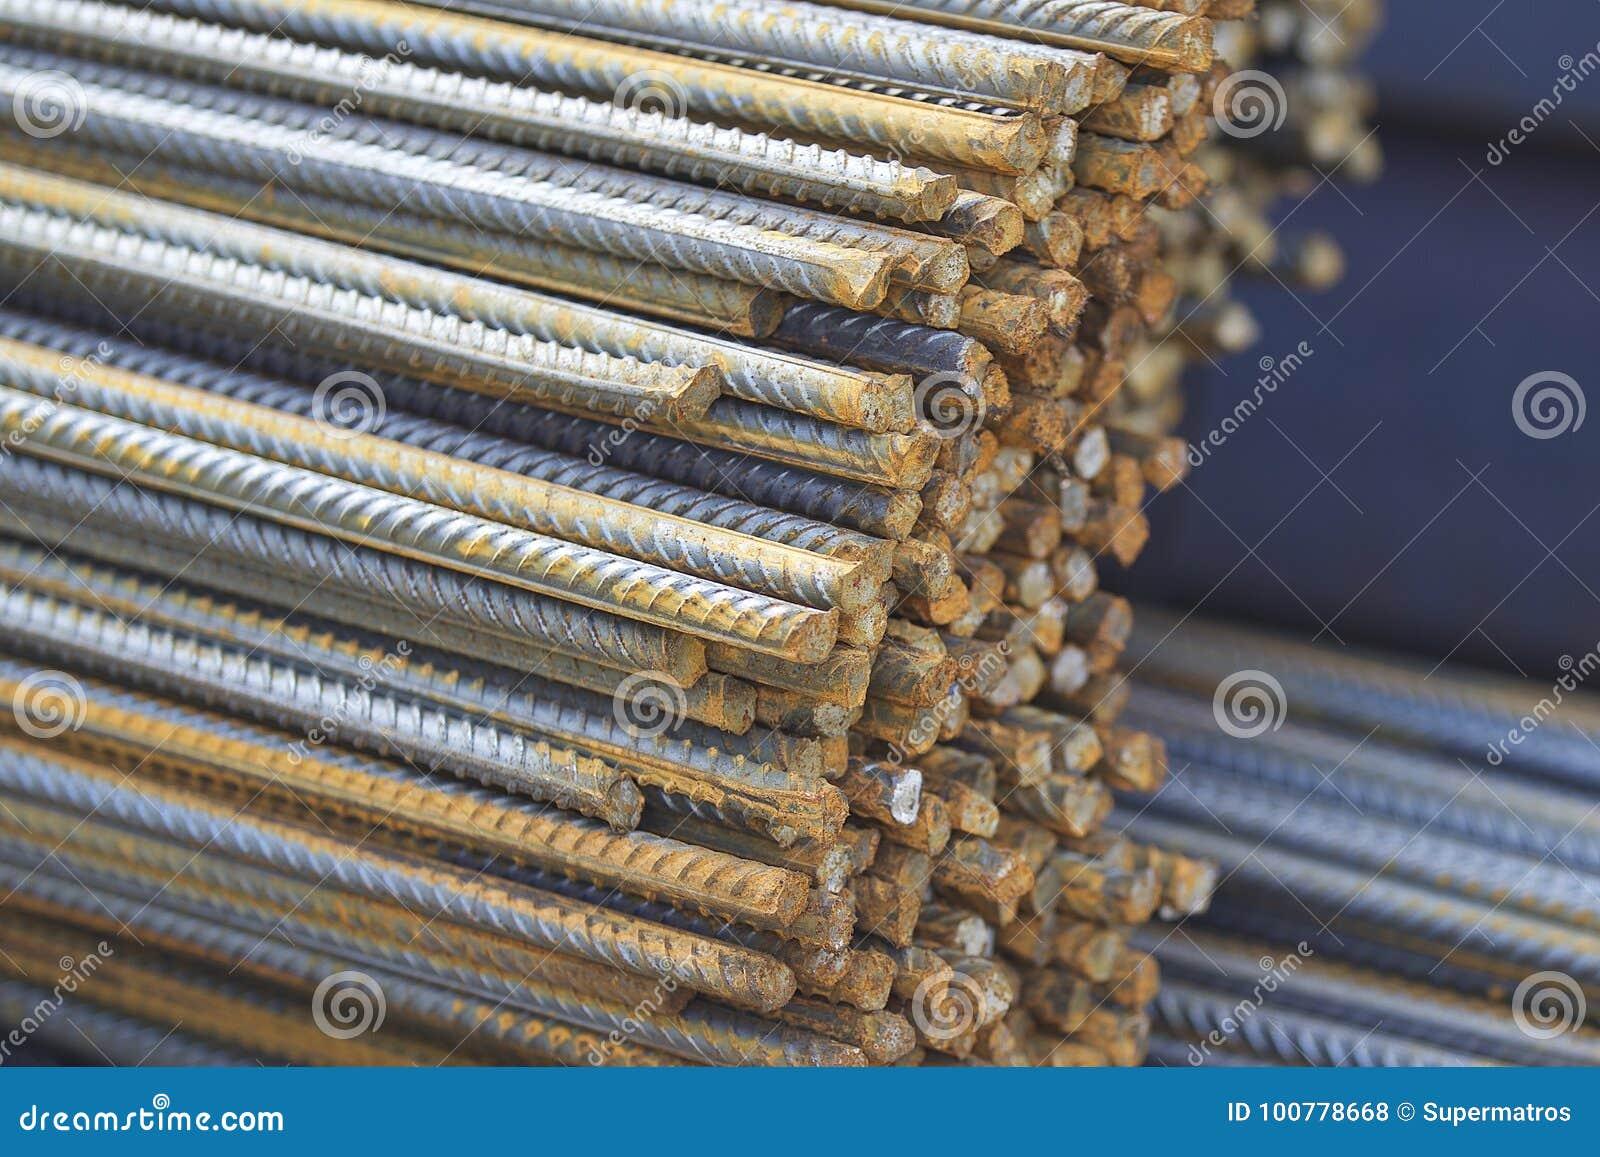 Las barras de refuerzo con un perfil periódico en los paquetes se almacenan en el almacén de los productos de metal